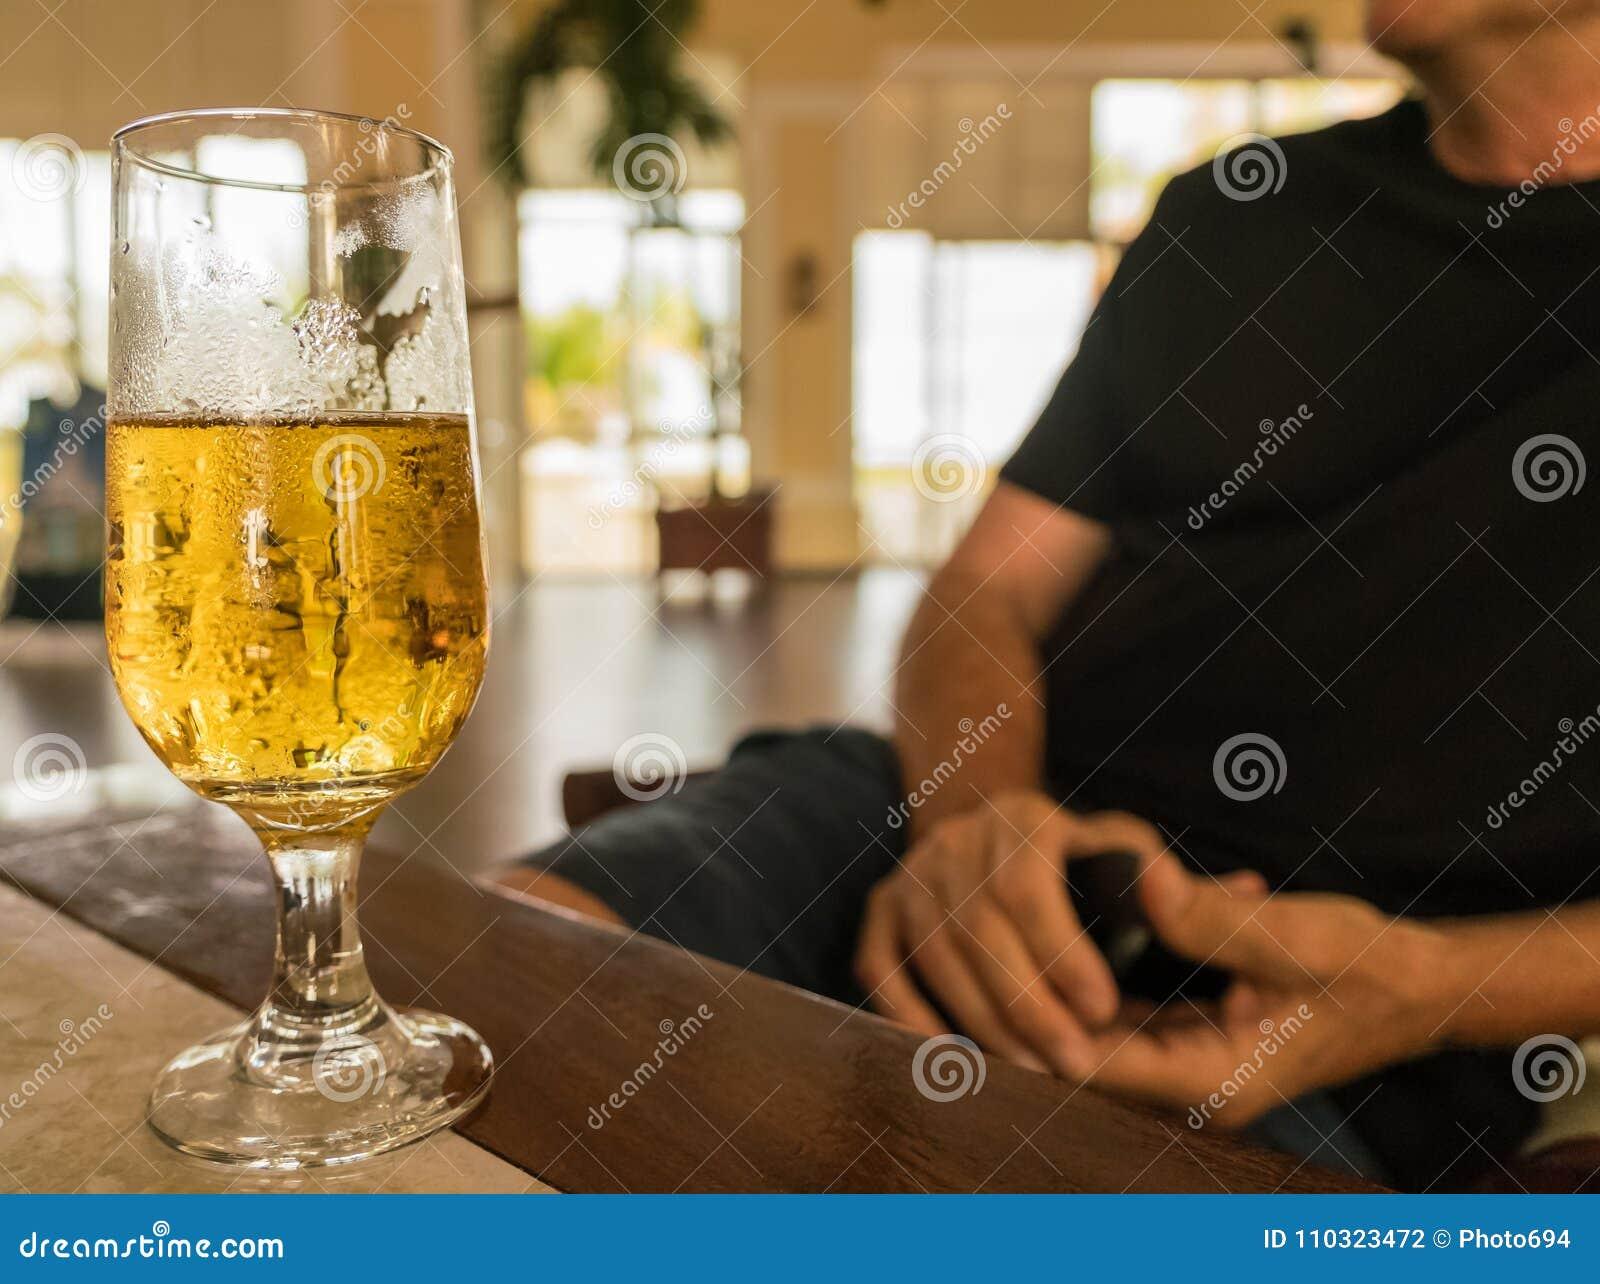 Glass of beer - unfocused man